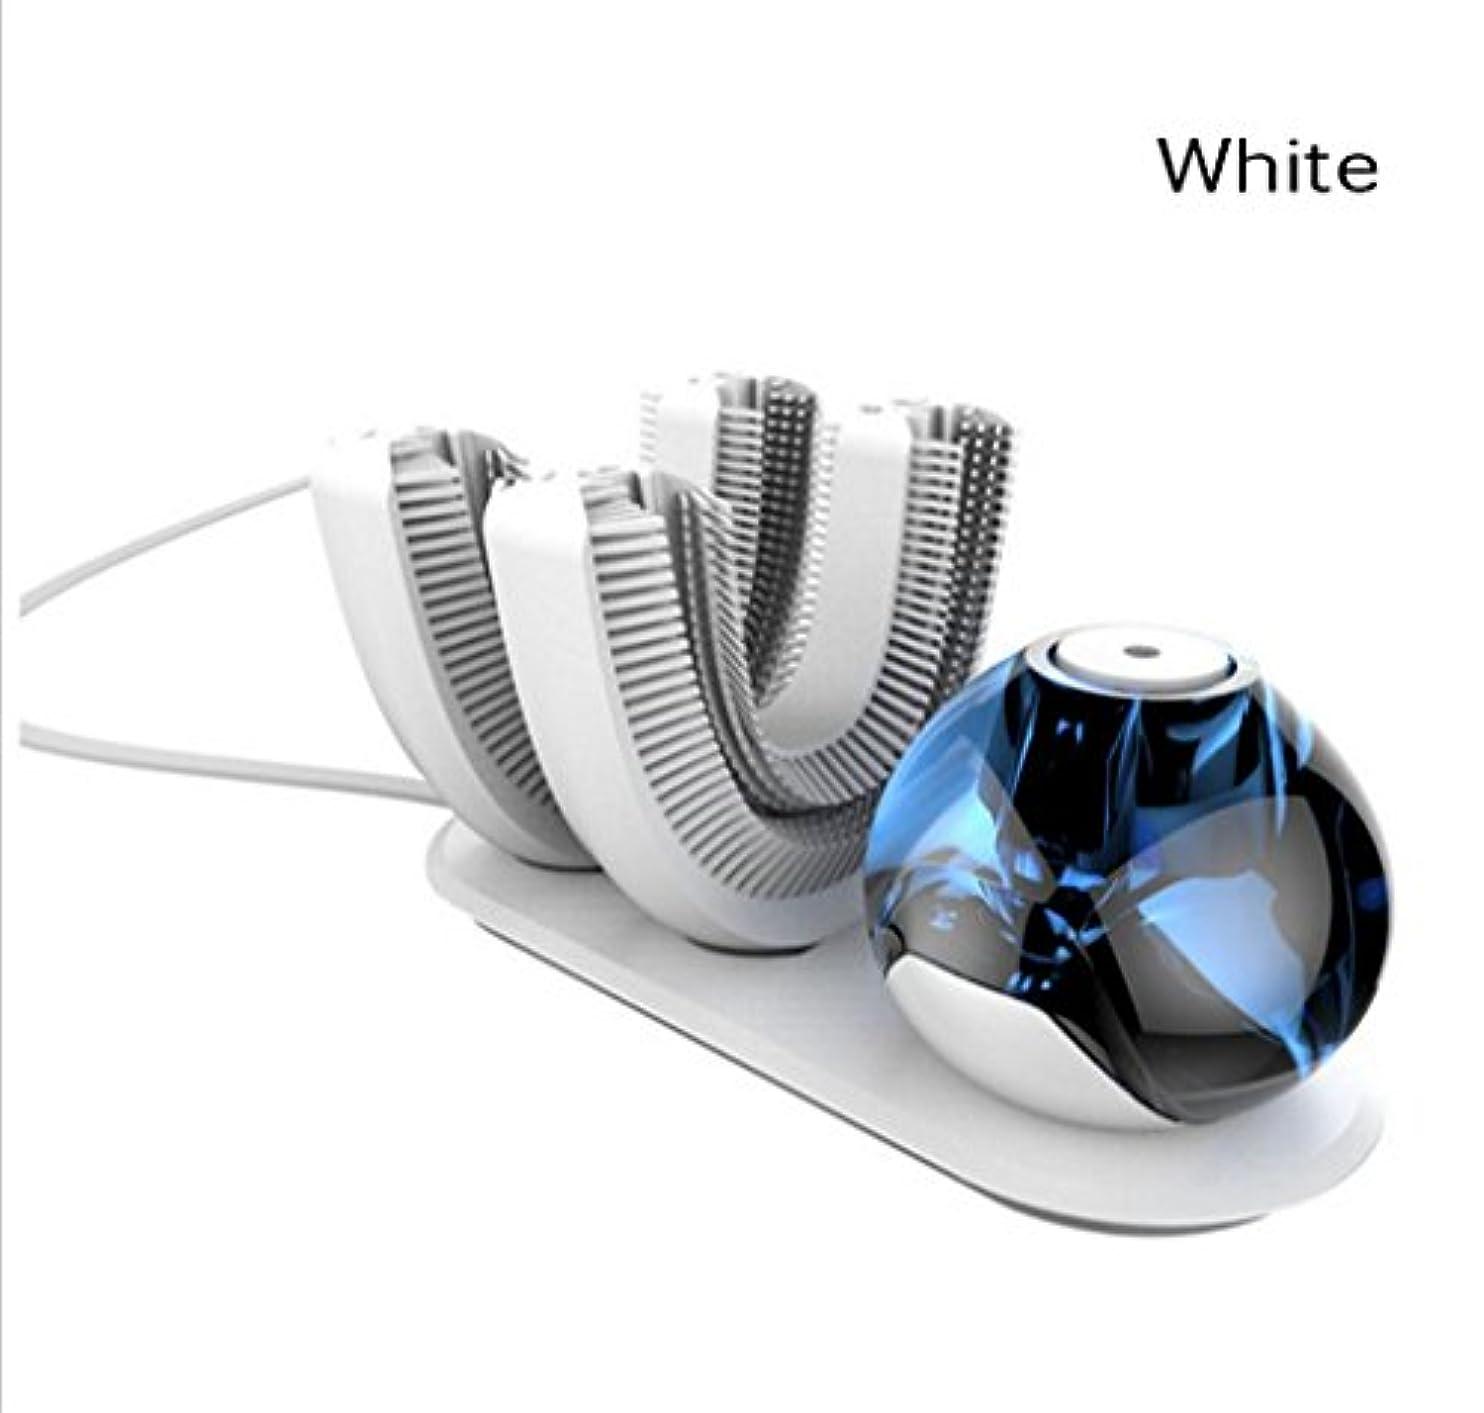 リゾート研磨スラダムNatood 歯ブラシのヘッドの2、怠惰なKibasuriによる自動歯ブラシは、 電気怠惰な電動歯ブラシ用ワイヤレス充電式360°自動歯ブラシを設計され、白 白